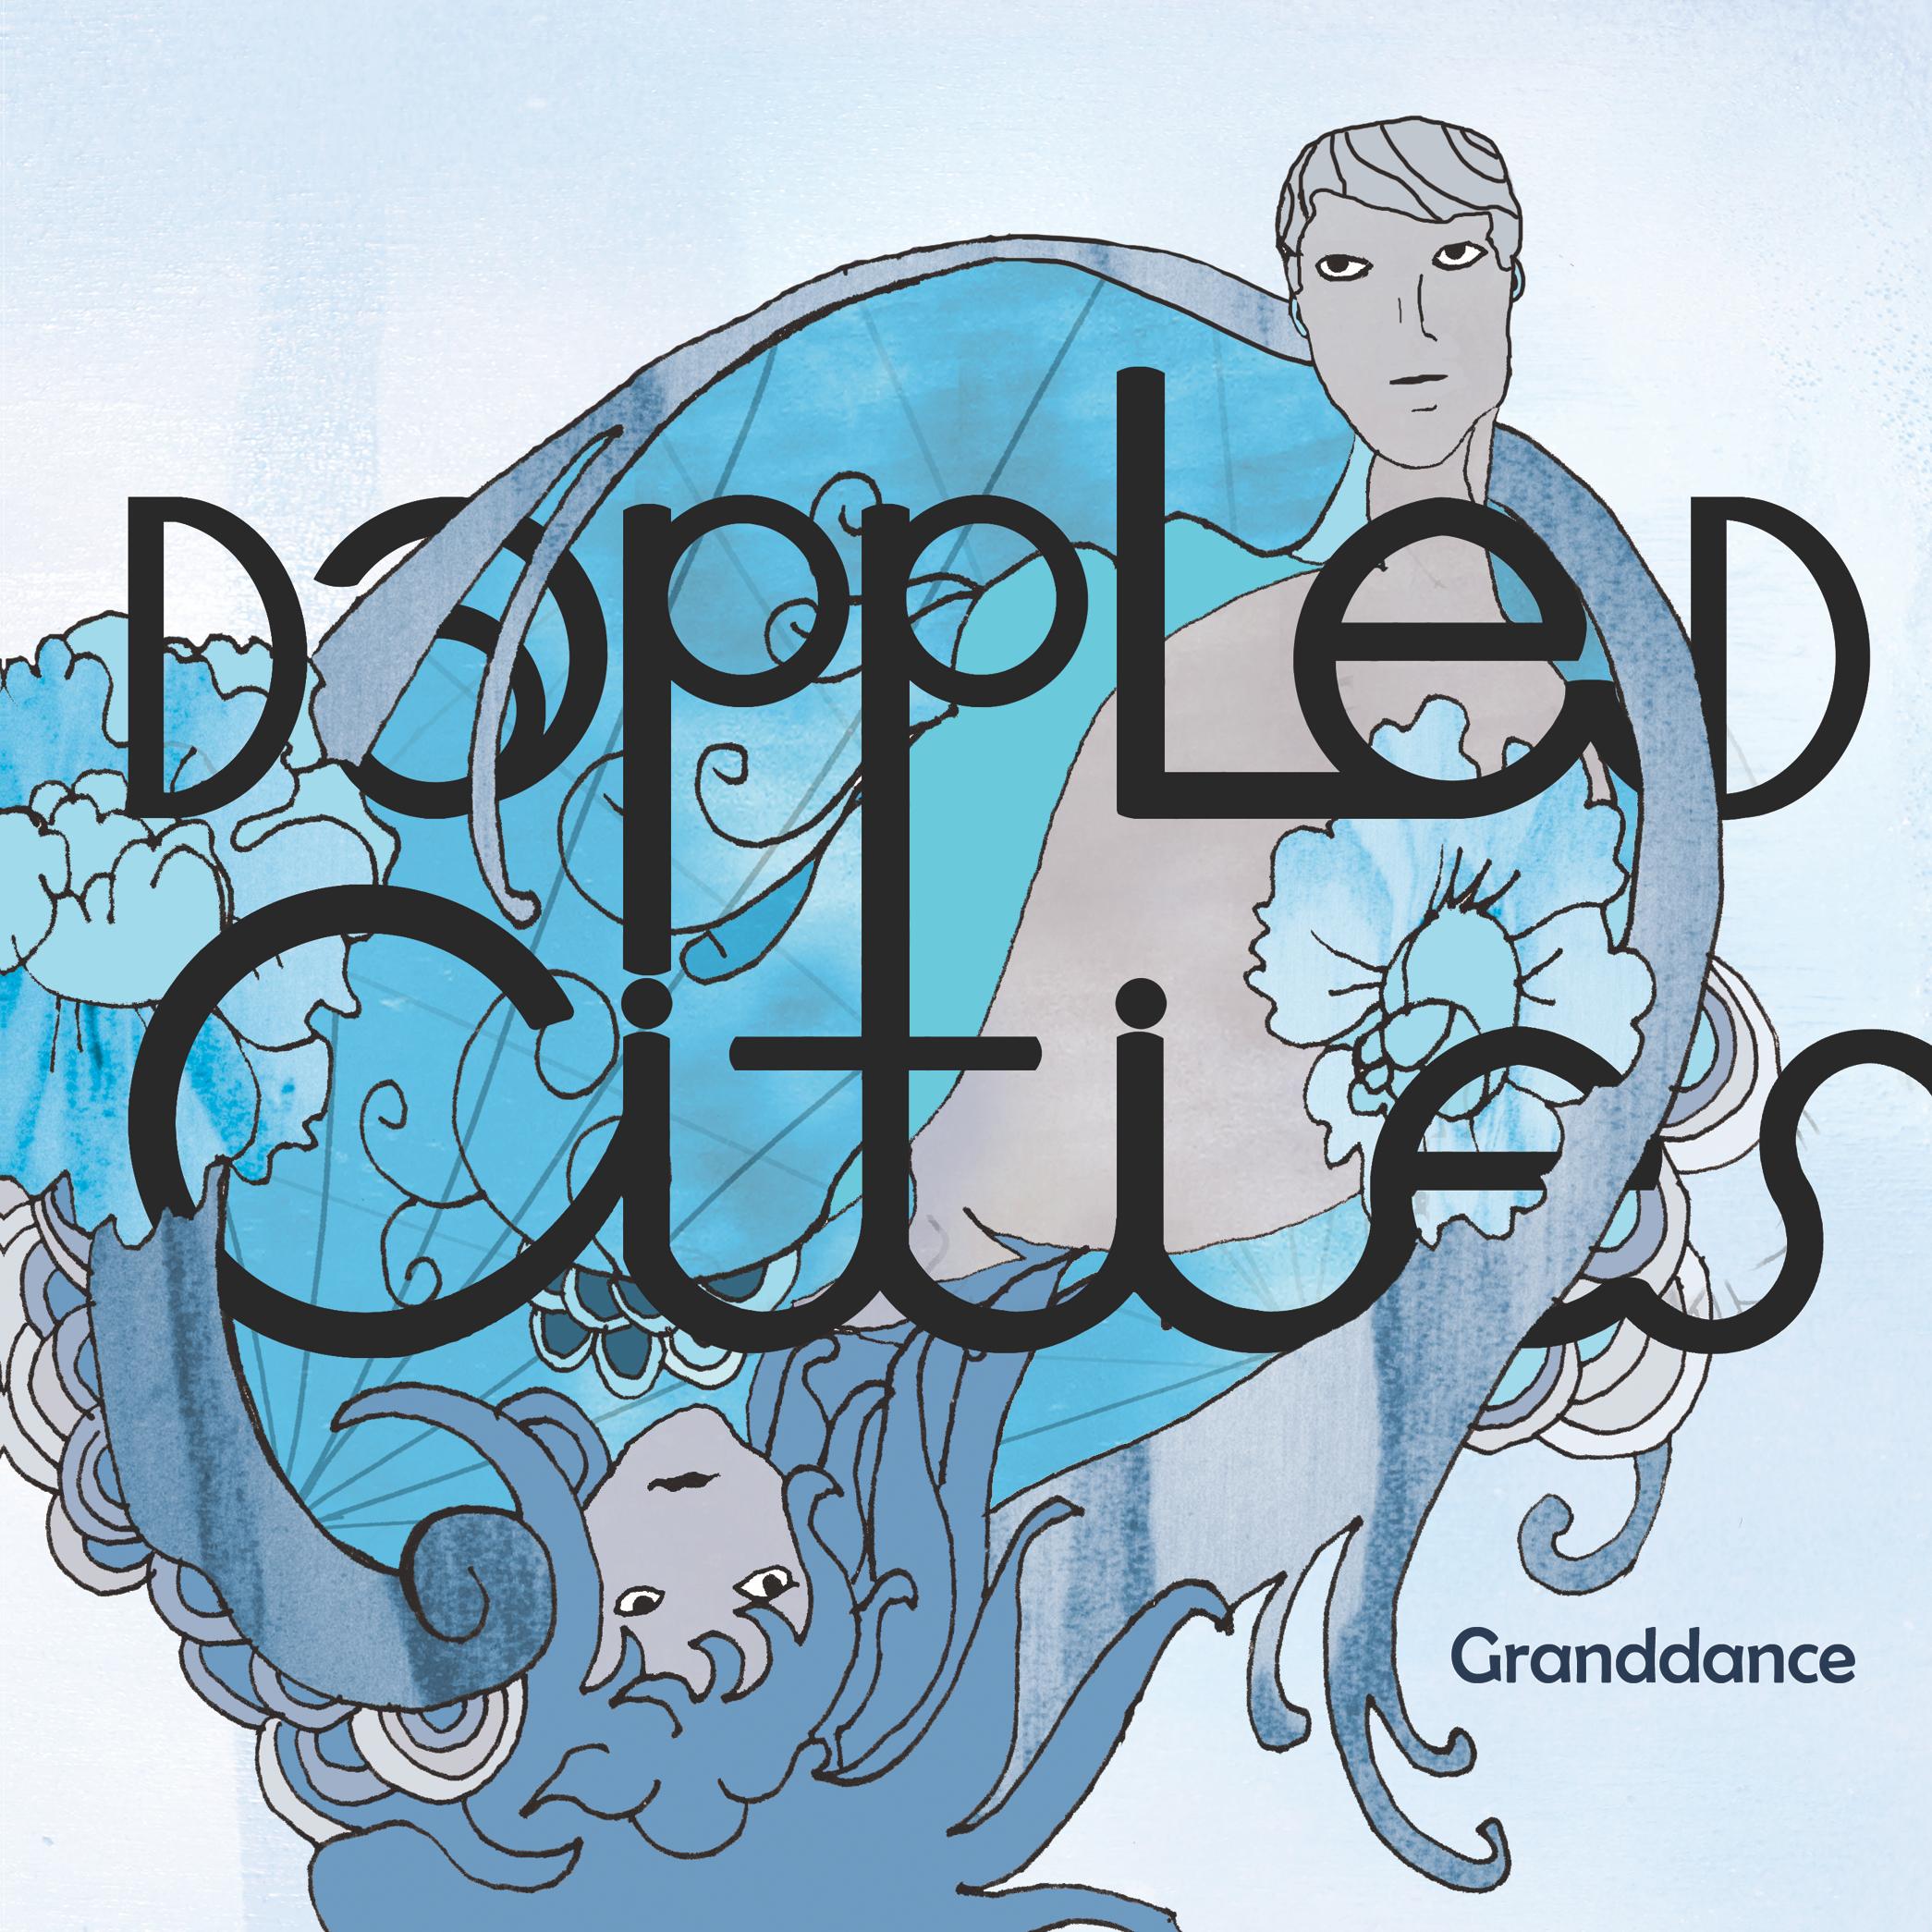 Dappled Cities - Granddance - Digital